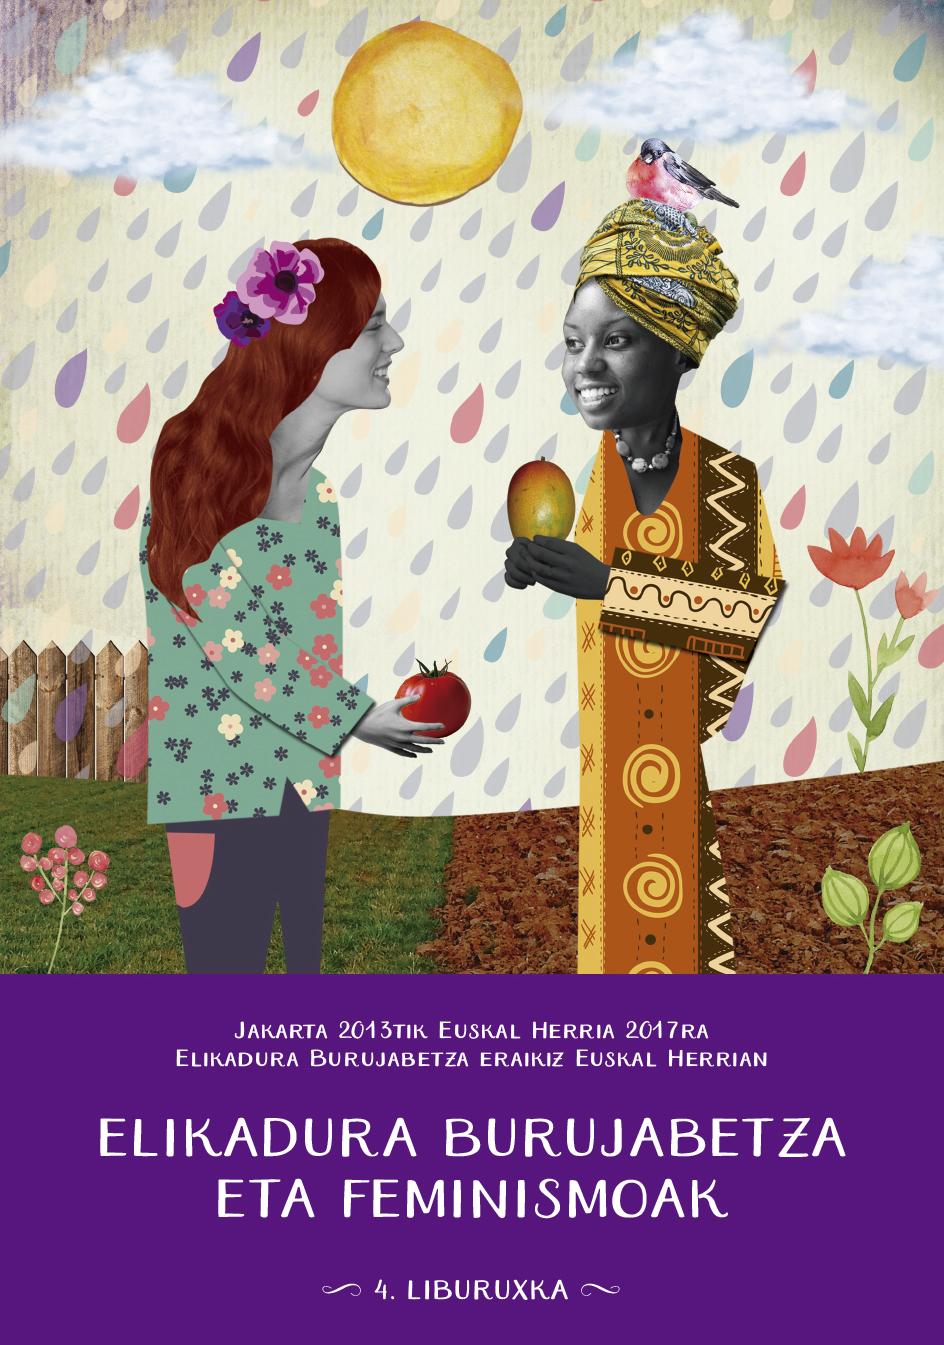 ELIKADURA BURUJABETZA ETA FEMINISMOAK-1